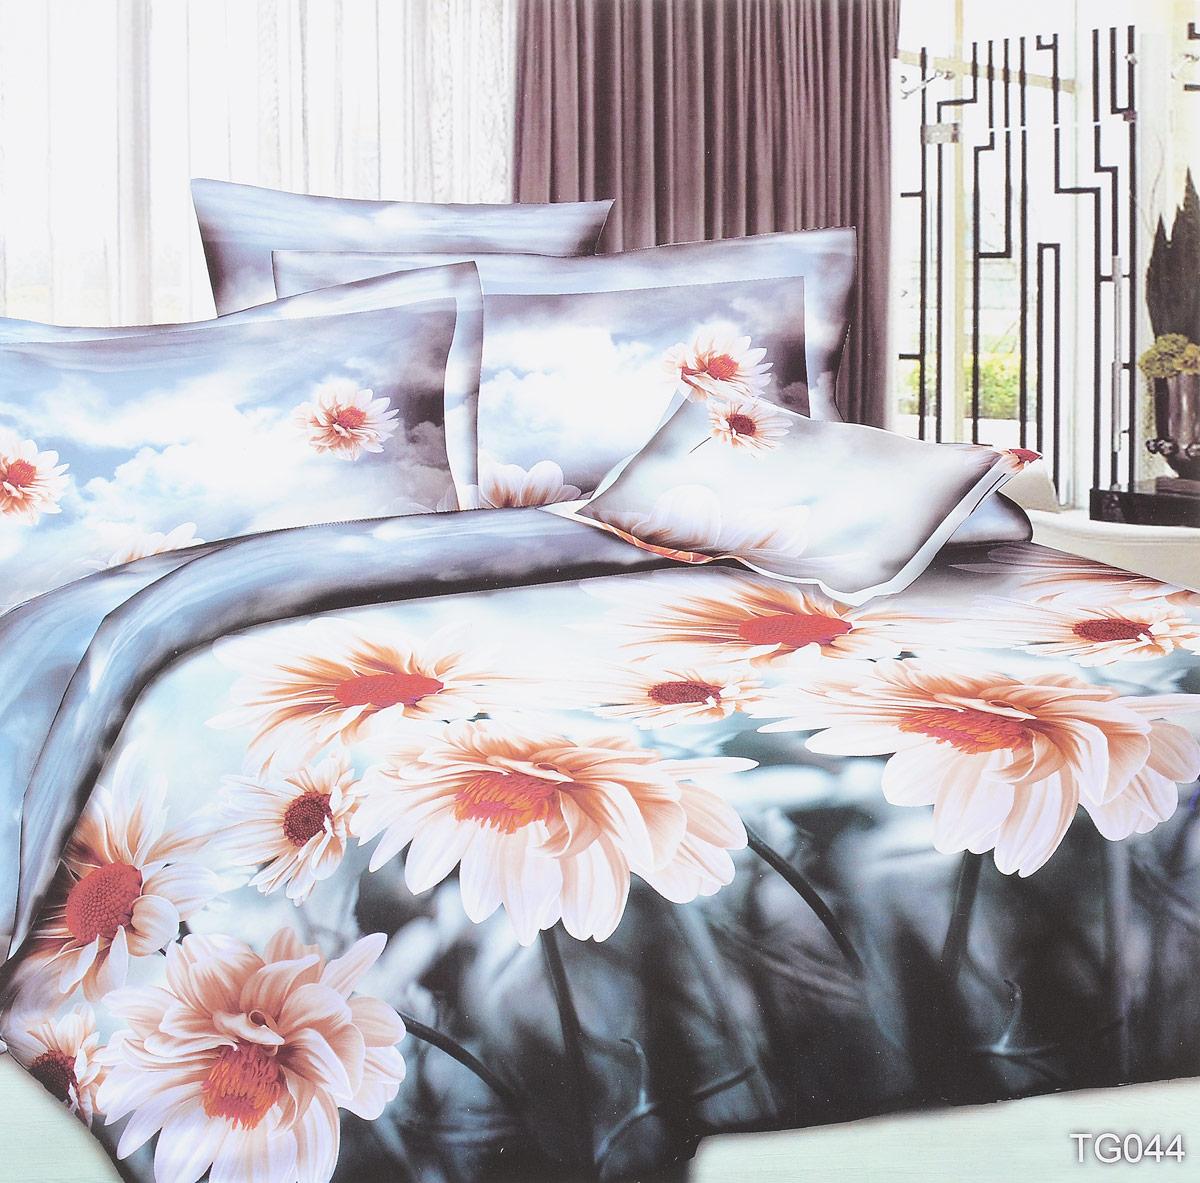 Комплект белья ЭГО Адель, 1,5-спальный, наволочки 70 x 70, цвет: серый391602Комплект белья ЭГО Адель выполнен из полисатина (50% хлопка, 50% полиэстера). Комплект состоит из пододеяльника, простыни и двух наволочек. Постельное белье имеет изысканный внешний вид и яркую цветовую гамму. Гладкая структура делает ткань приятной на ощупь, мягкой и нежной, при этом она прочная и хорошо сохраняет форму. Ткань легко гладится, не линяет и не садится. Приобретая комплект постельного белья ЭГО Адель, вы можете быть уверены в том, что покупка доставит вам и вашим близким удовольствие и подарит максимальный комфорт.